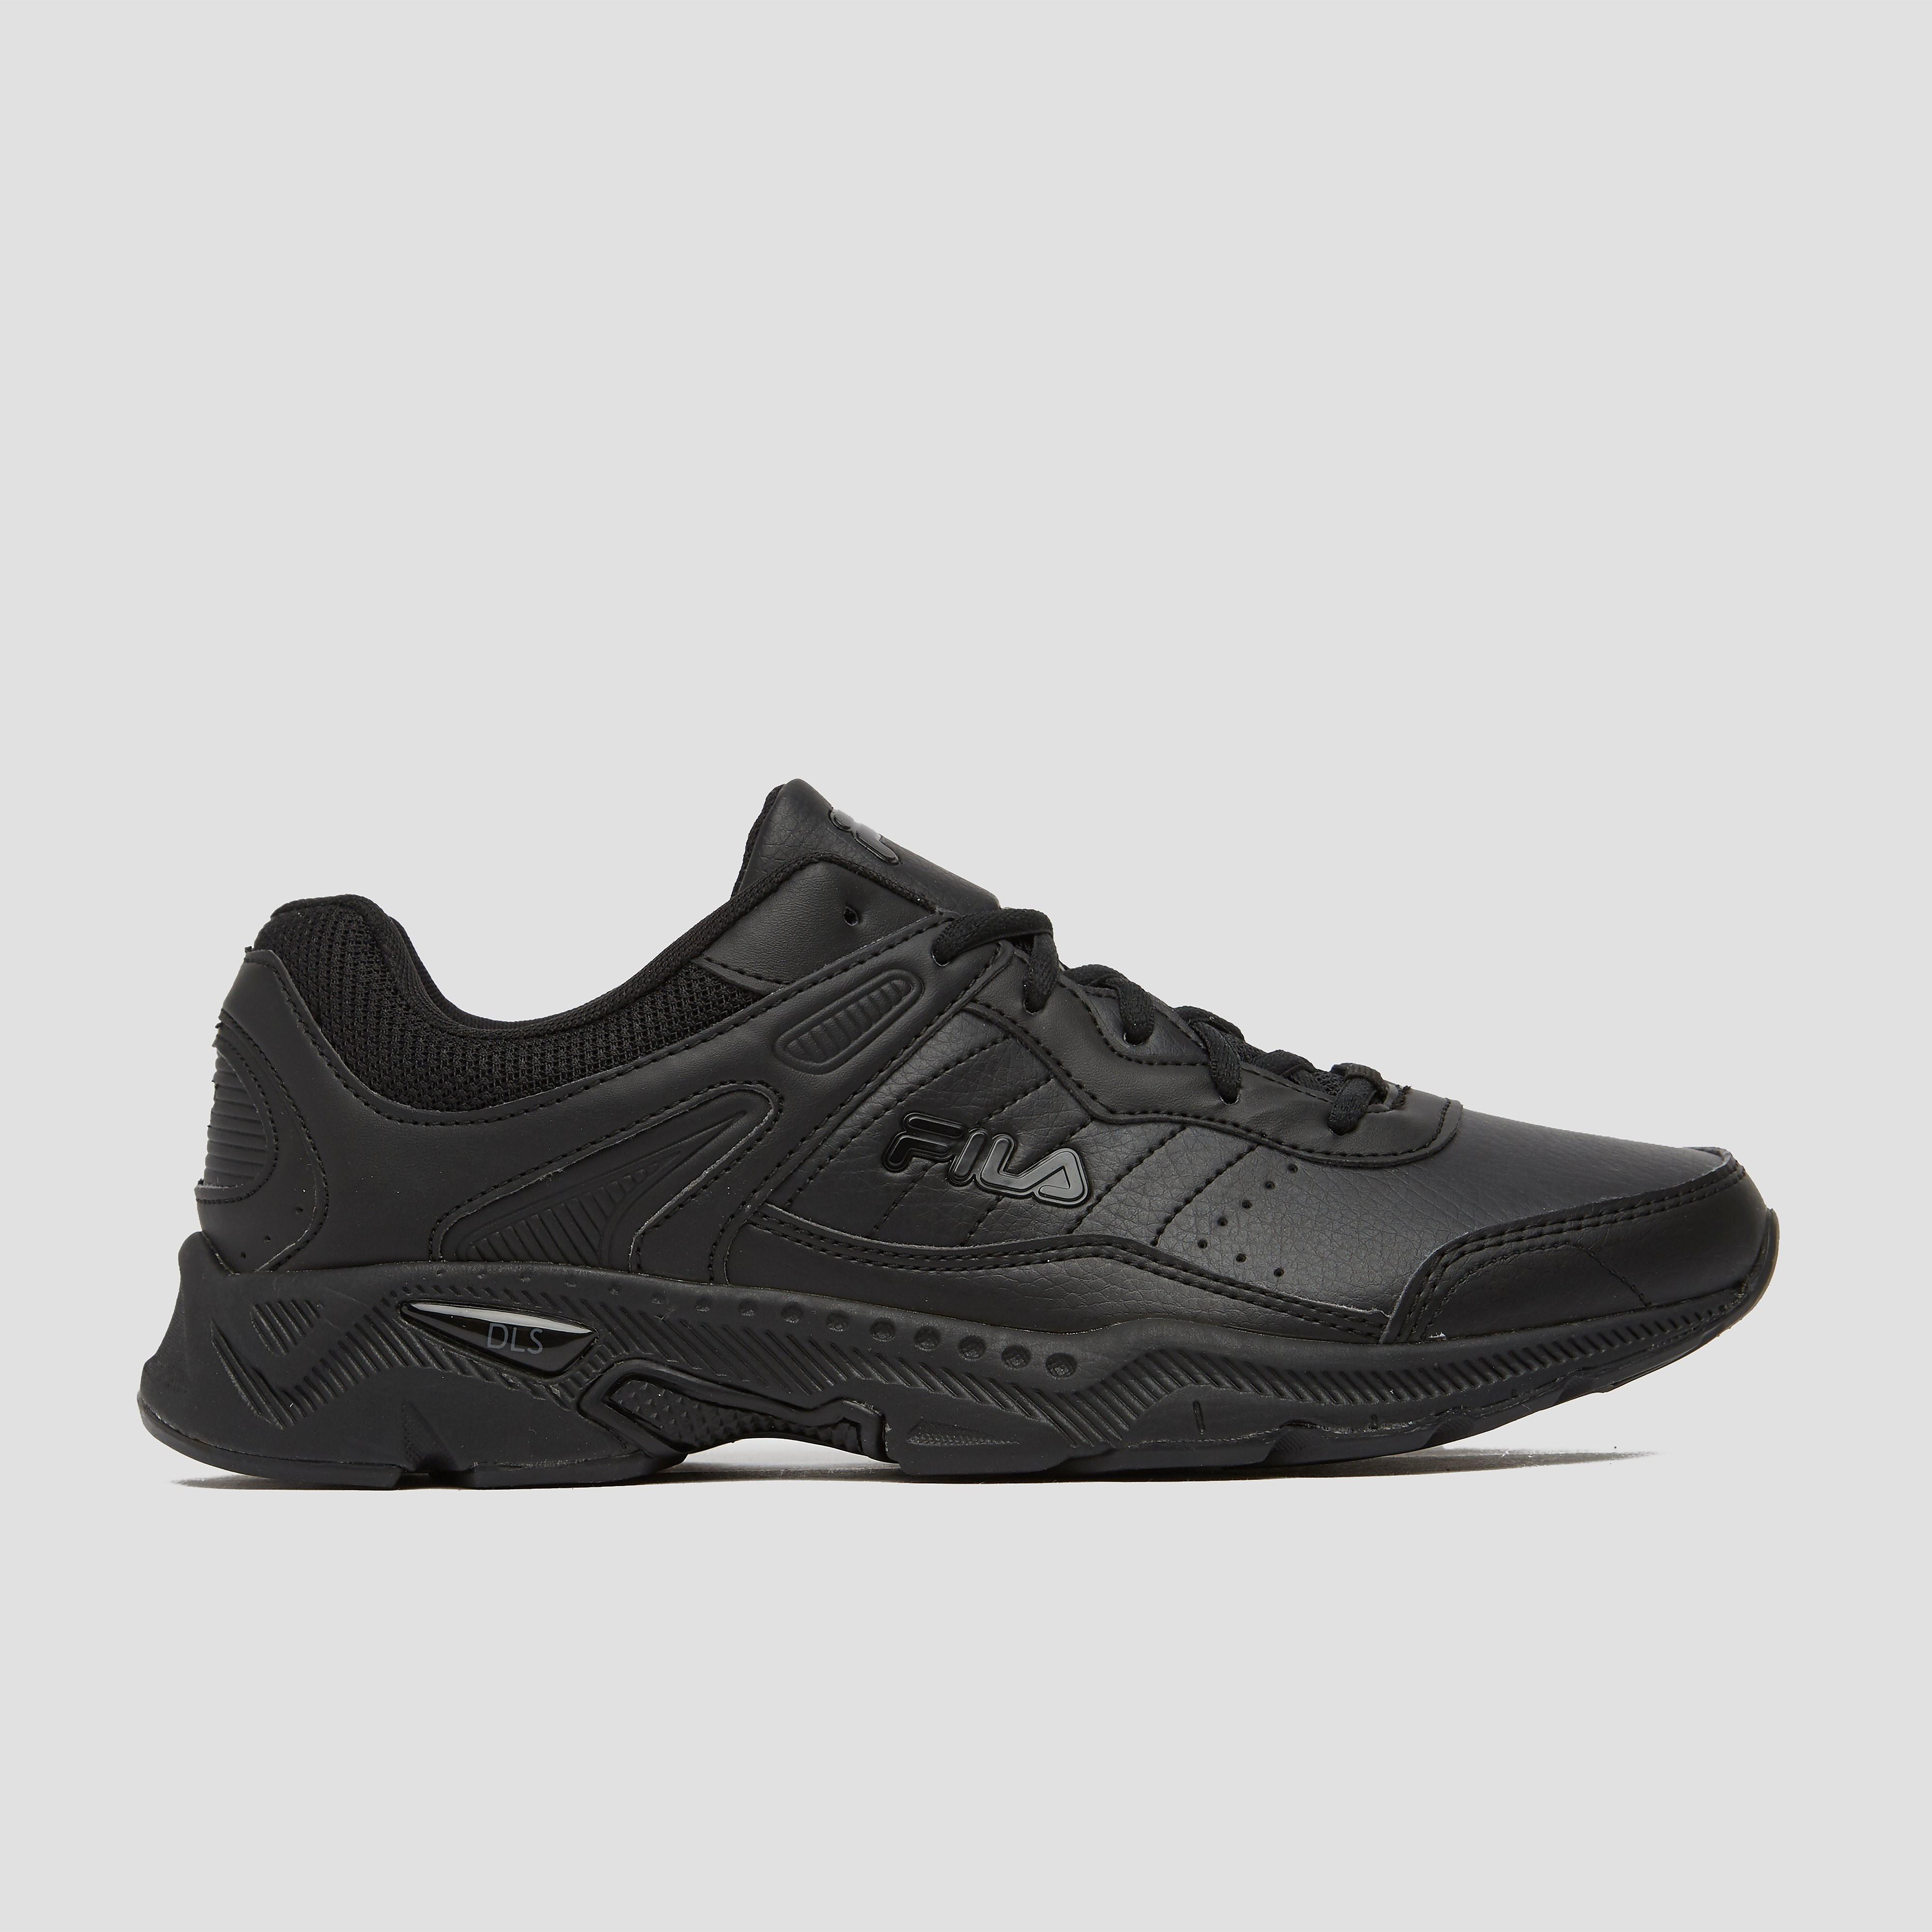 FILA Sporter 2 hardloopschoenen zwart heren Heren